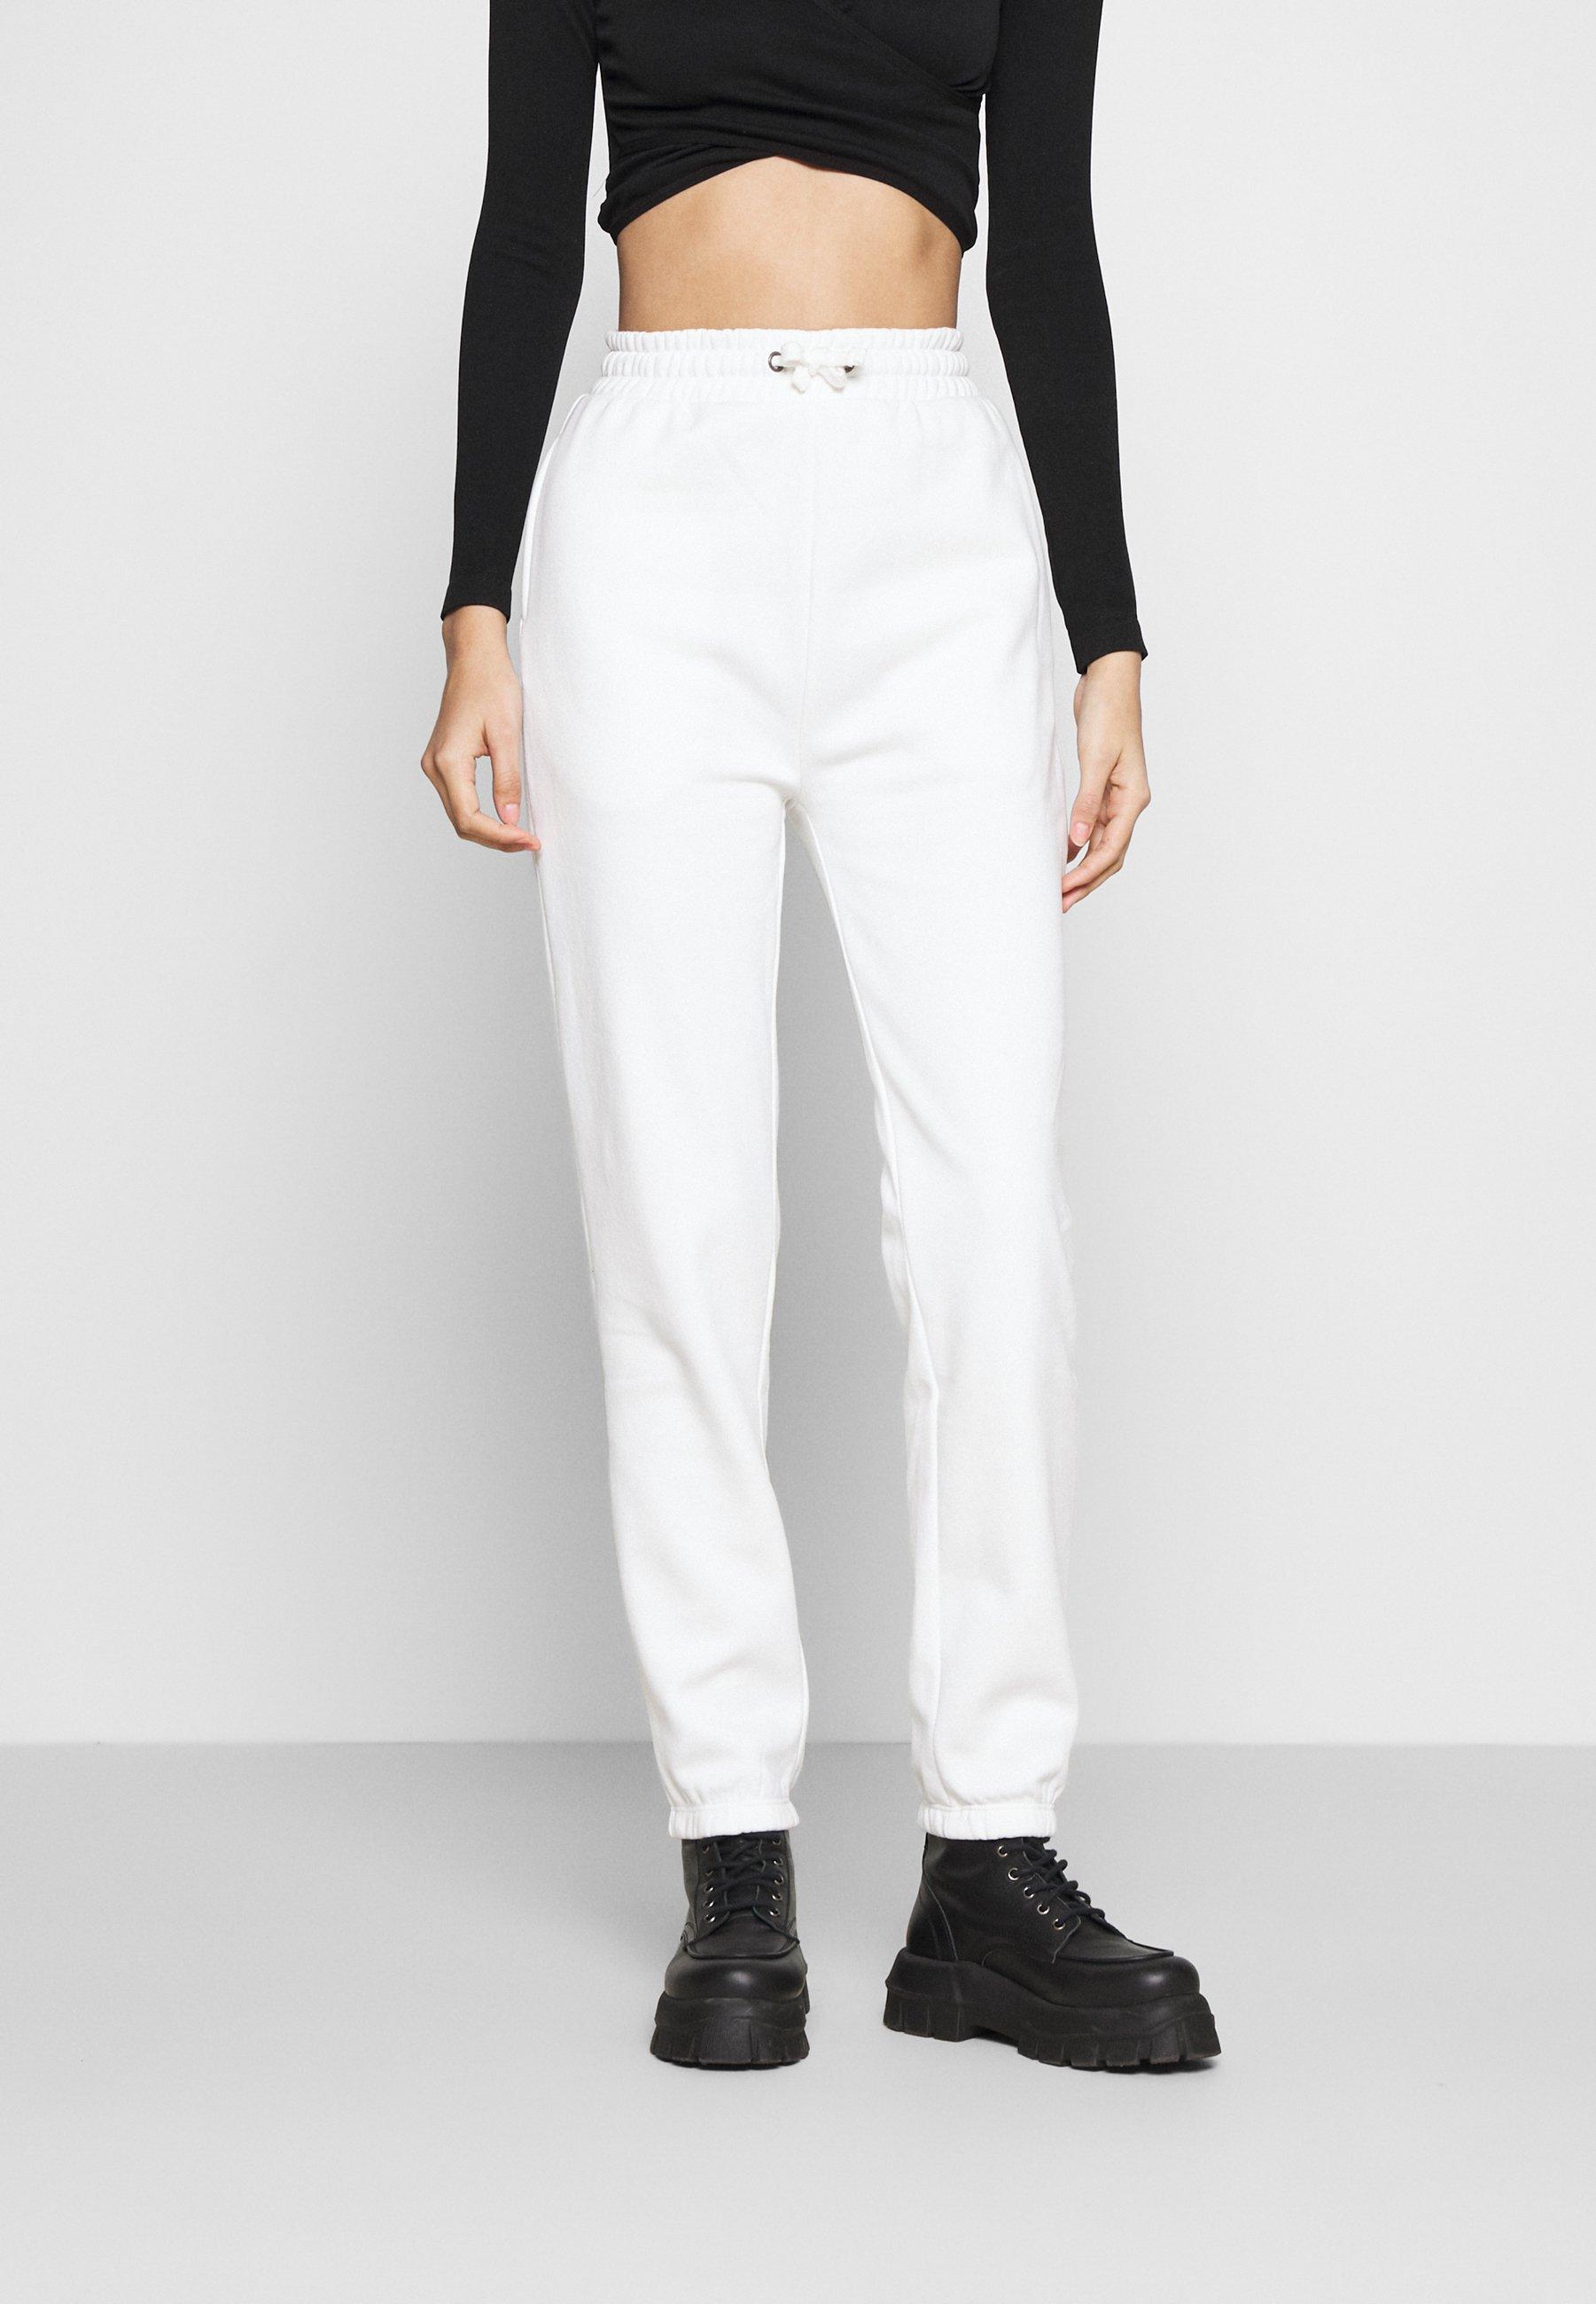 Femme High Waist Loose Fit Joggers - Pantalon de survêtement